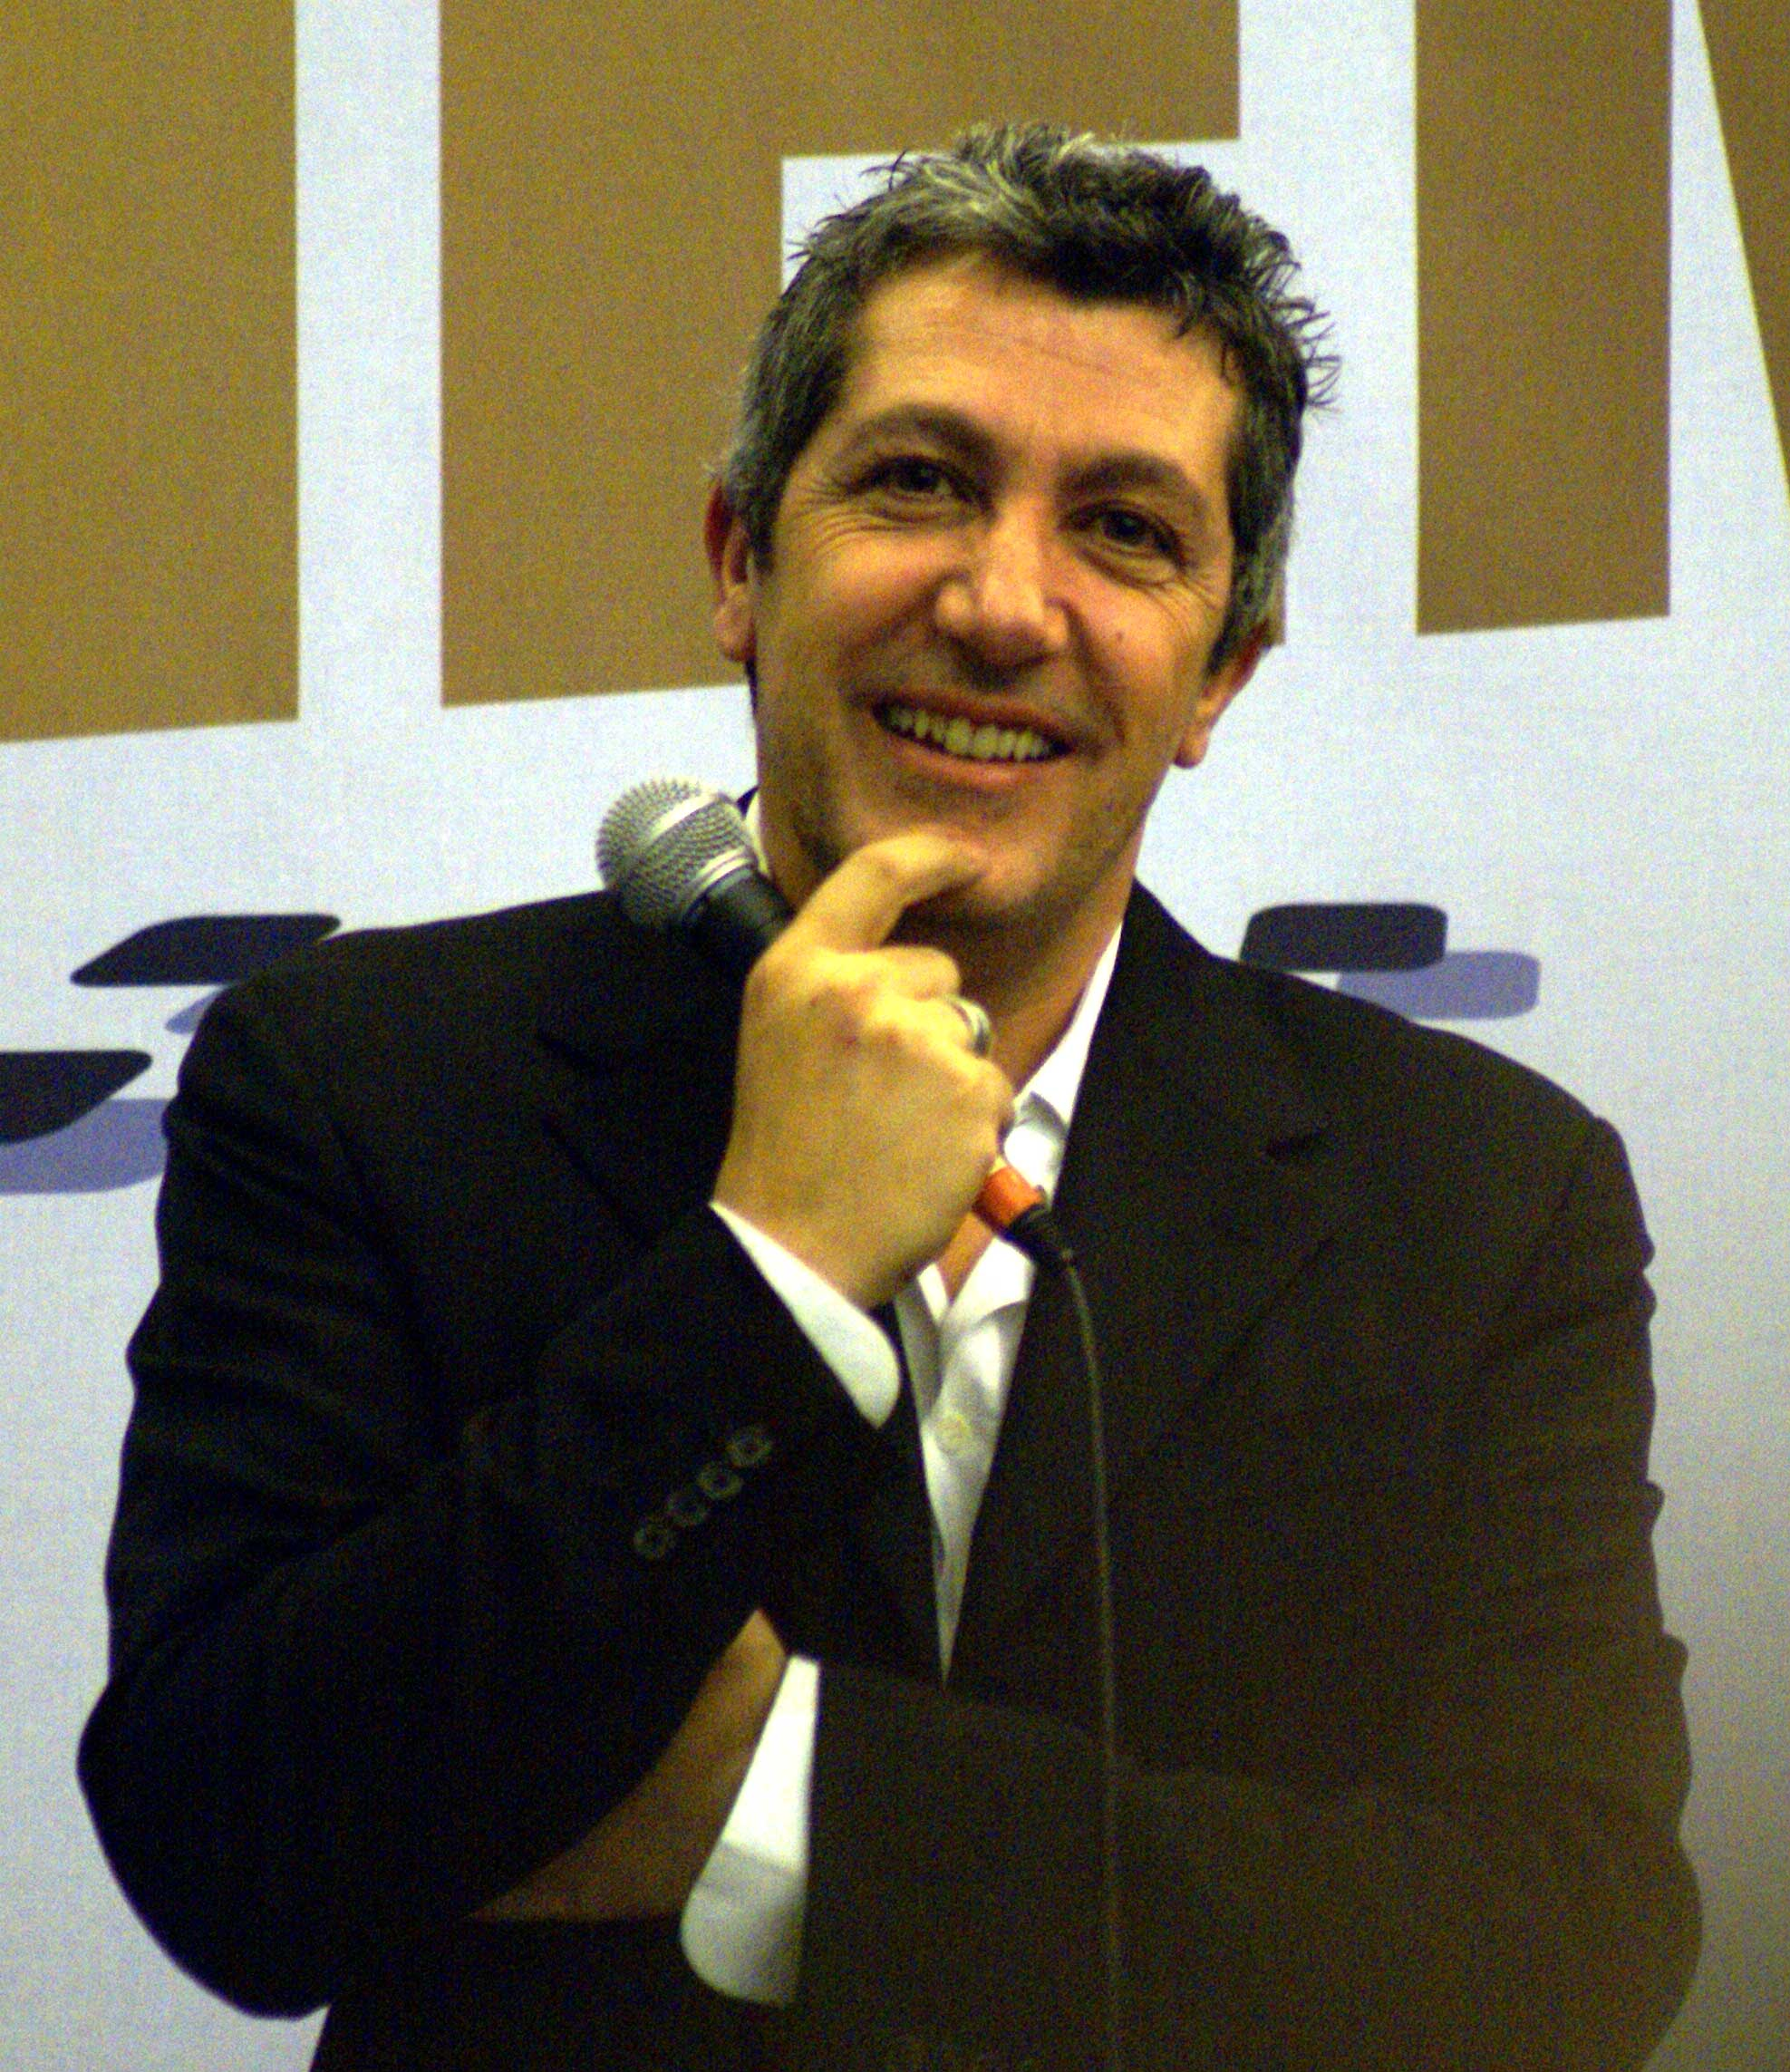 Alain CHABAT au salon du cinéma en 2006 (Photo Pascal Fernandez, http://blofeld60.deviantart.com/)